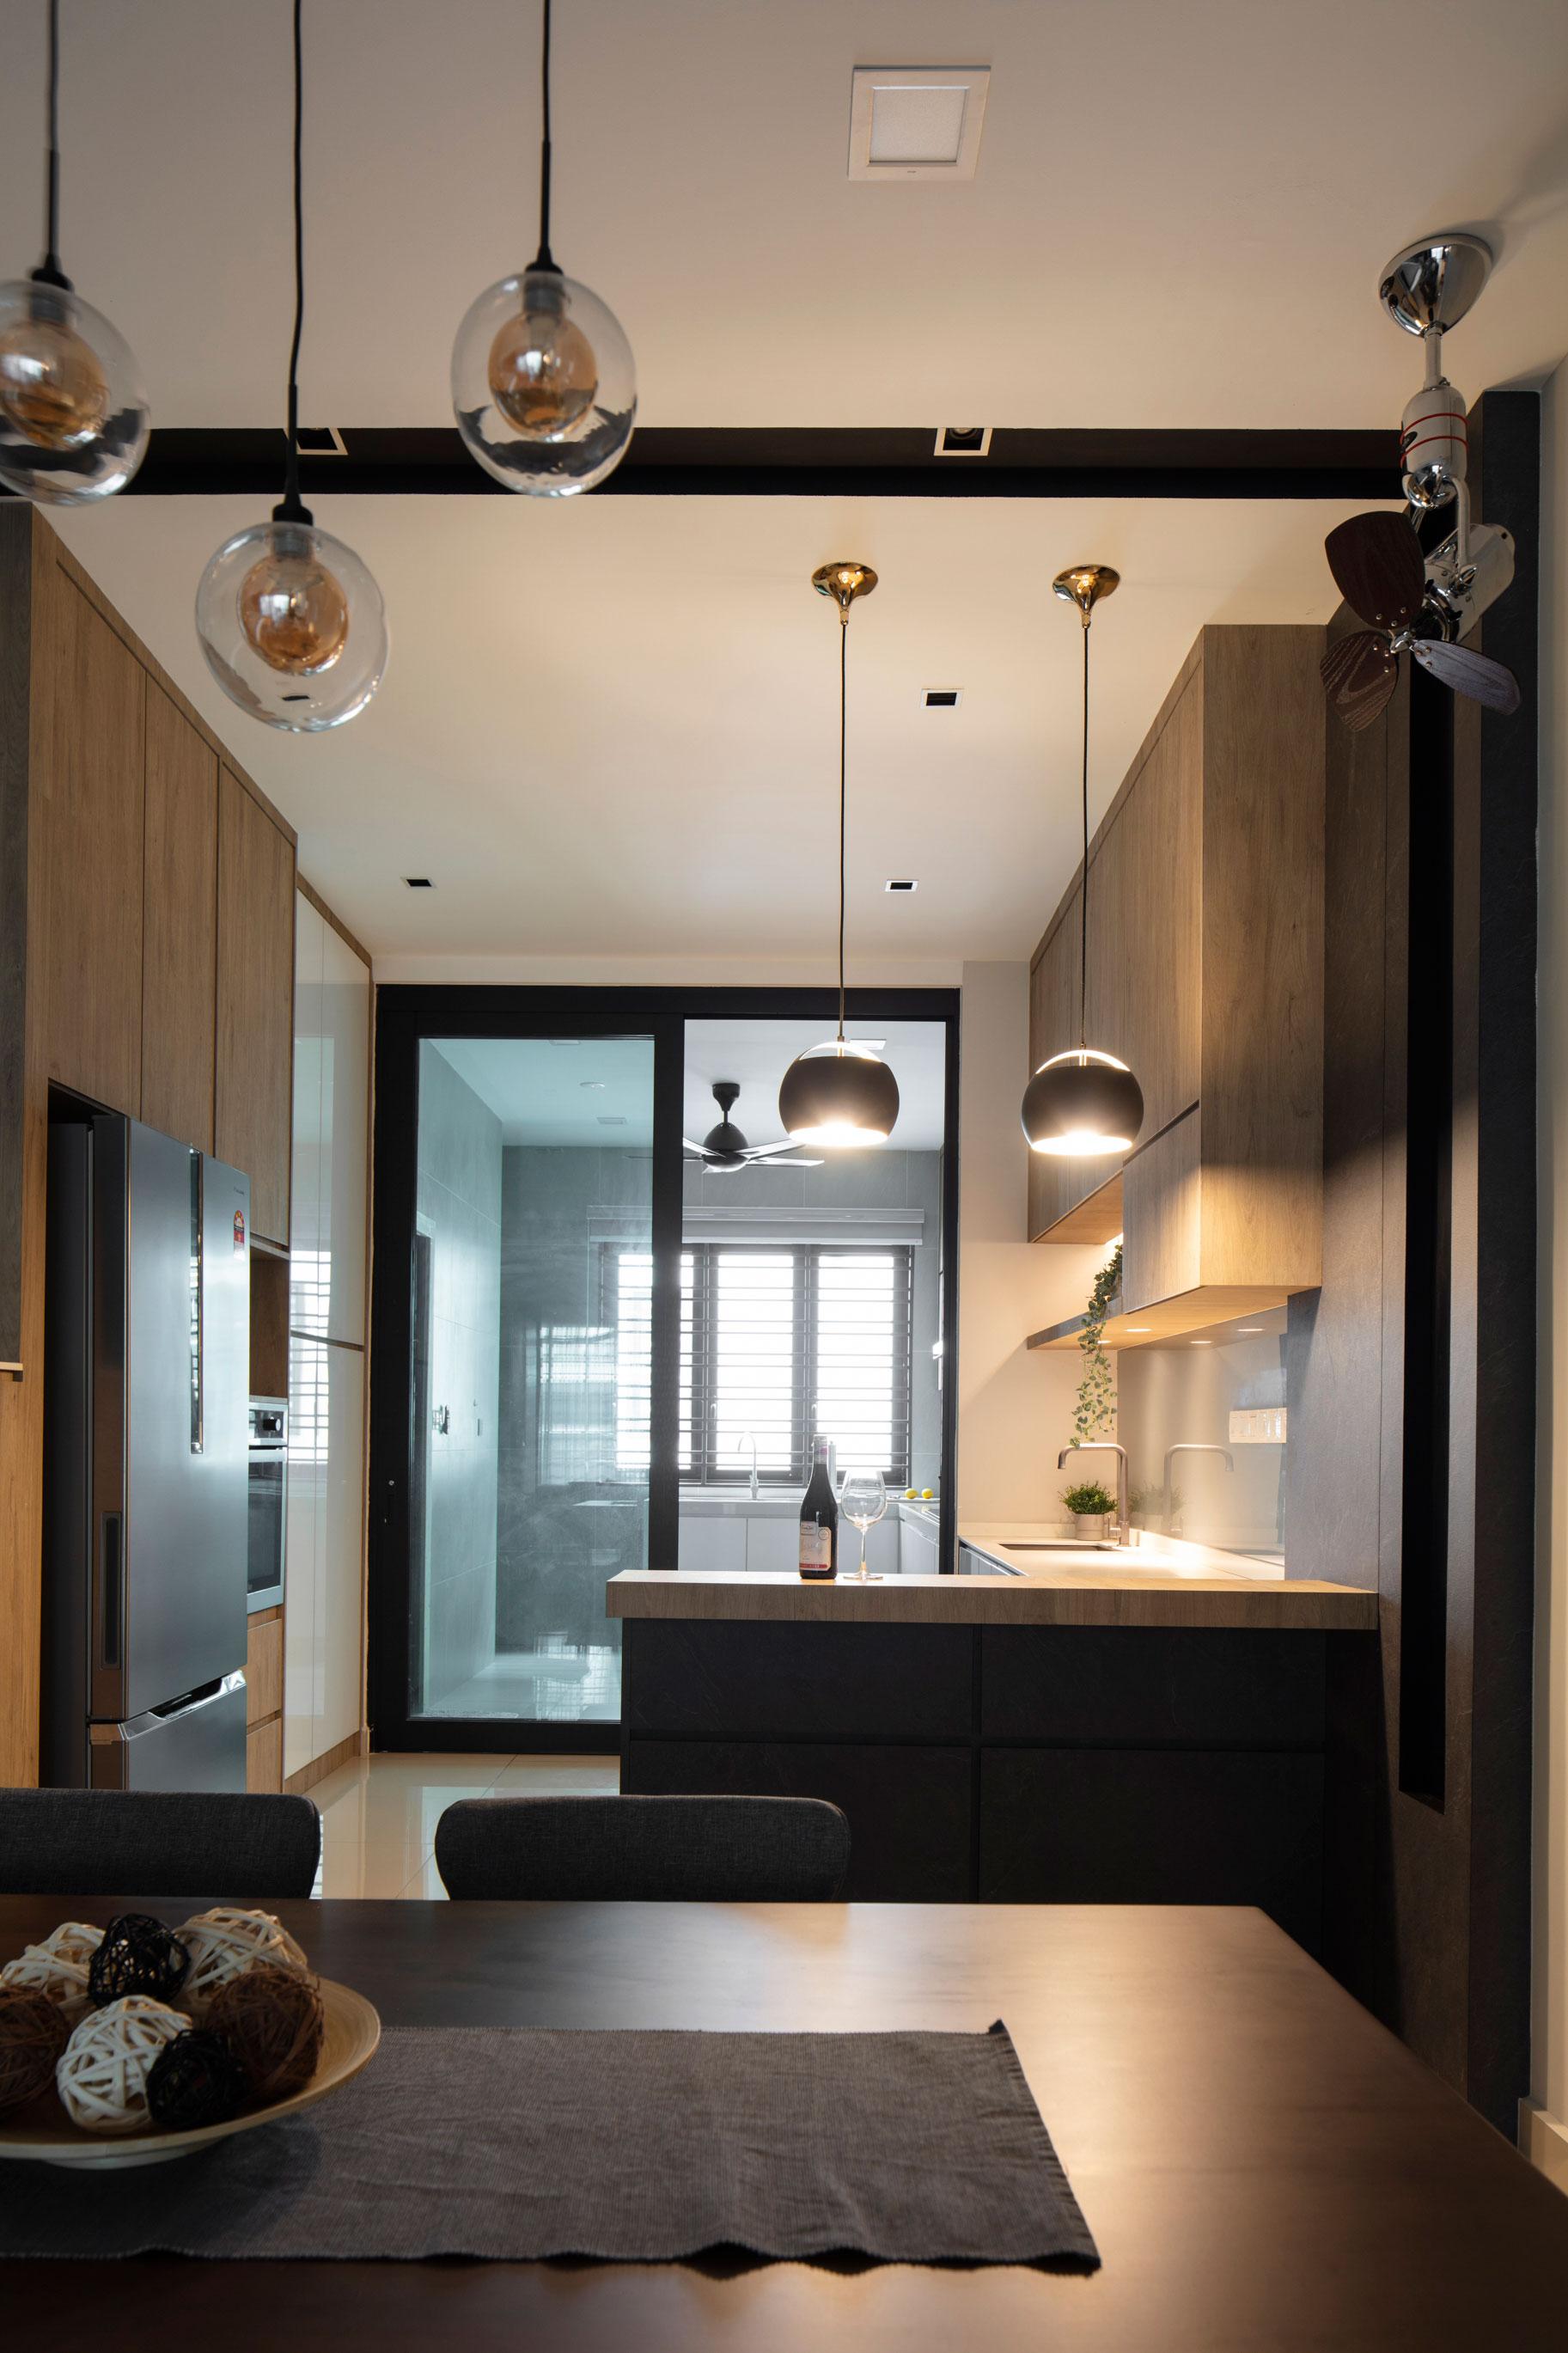 Interior Design Malaysia - INTERIOR DESIGN